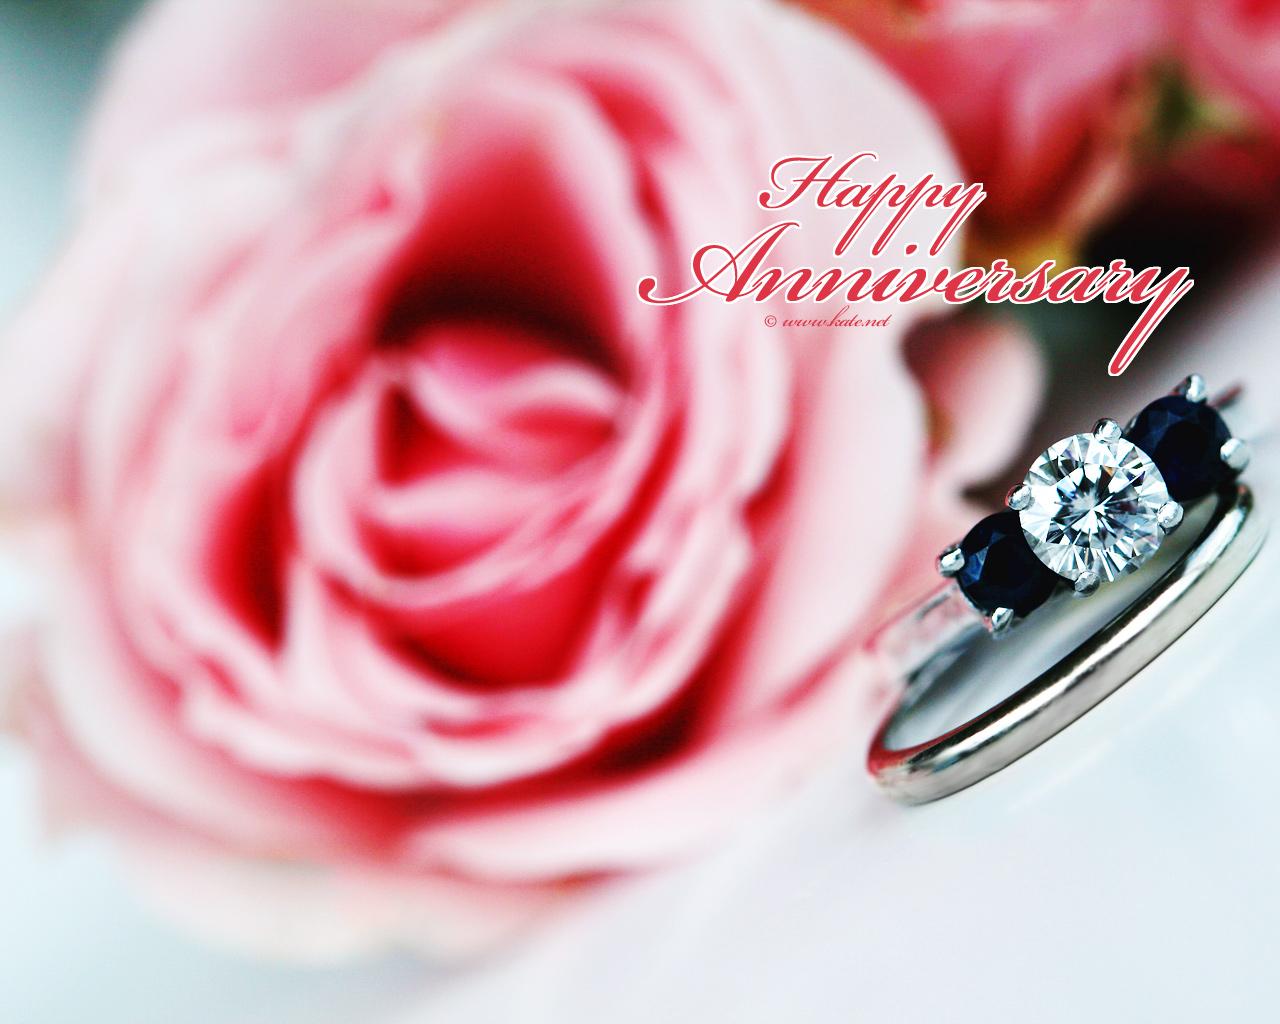 Top Wallpapers Desktop Download Wedding Anniversary Wallpapers 1280x1024